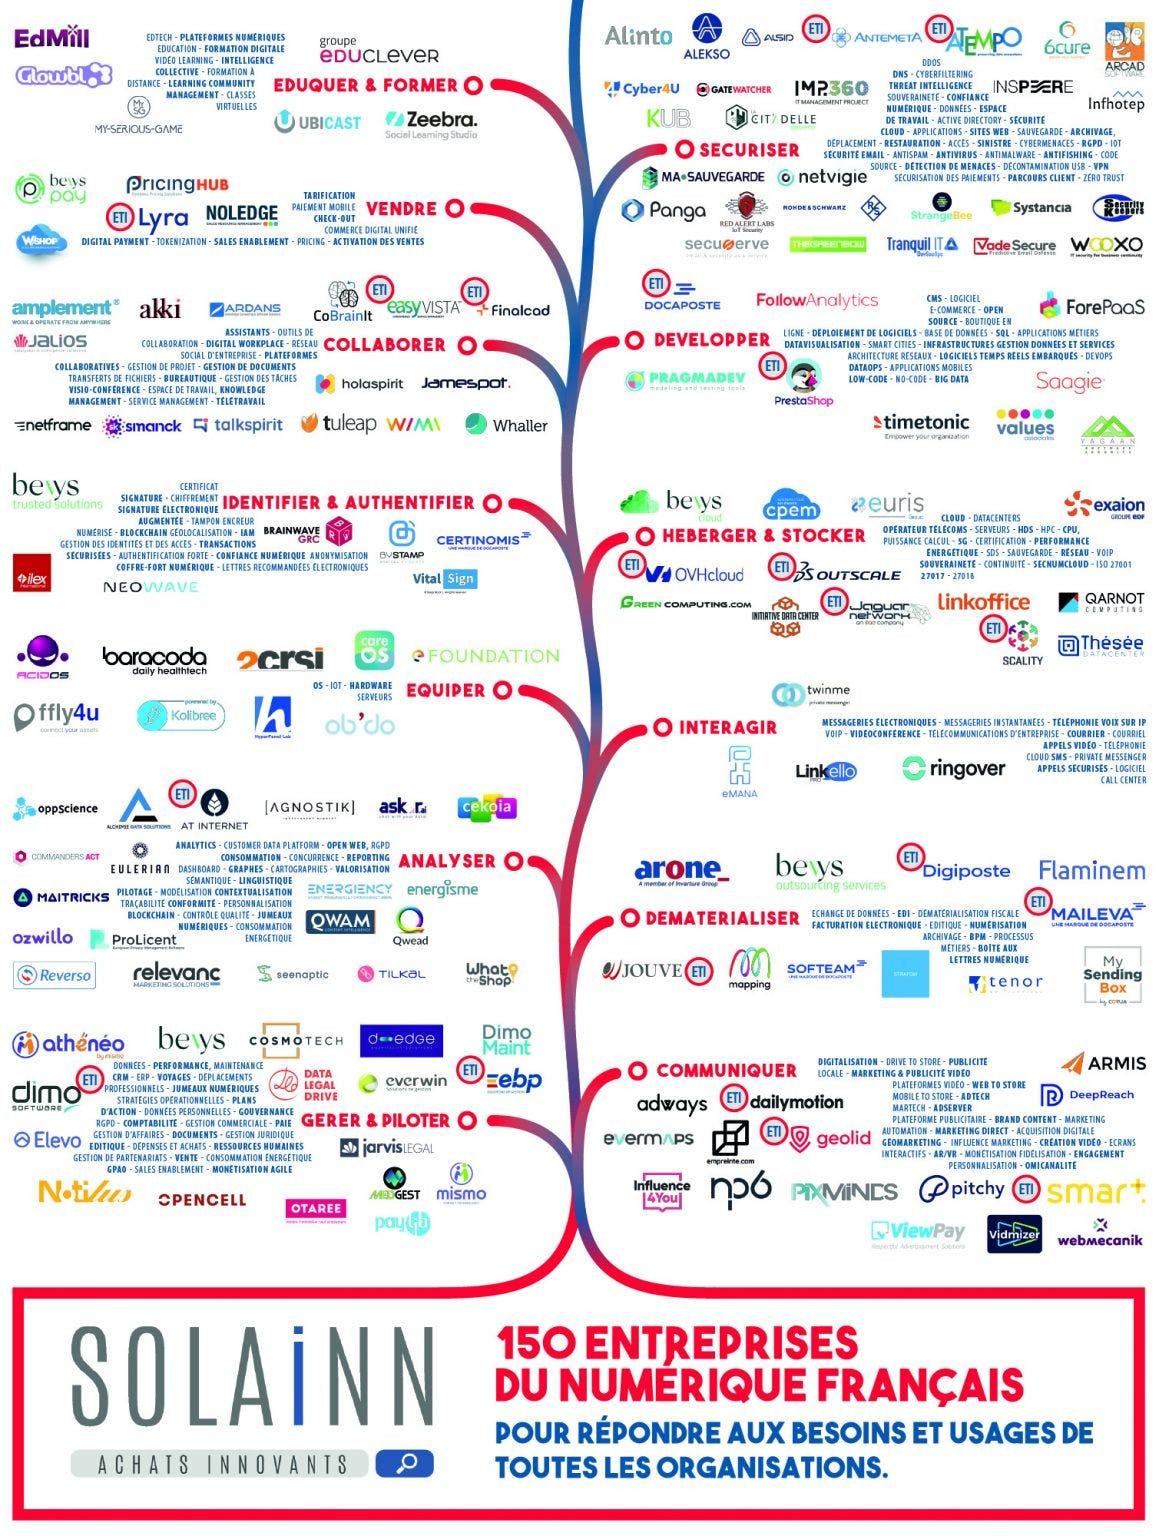 Cartographie SOLAINN - 150 entreprises du numérique français